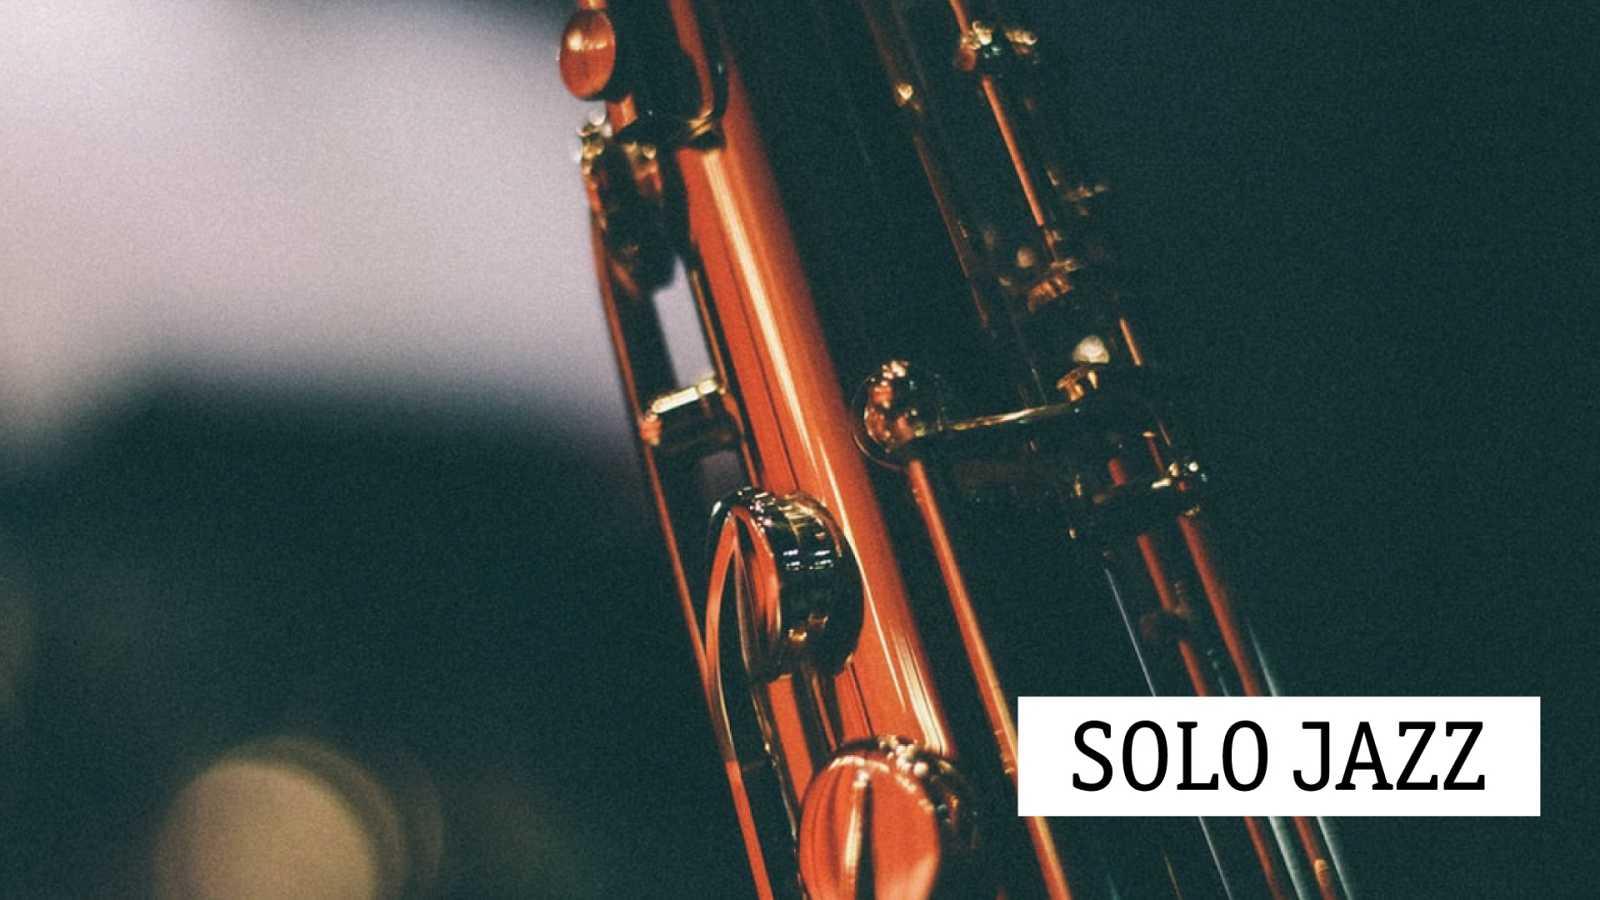 Solo jazz - Billy Strayhorn: Creatividad superlativa - 15/01/21 - escuchar ahora